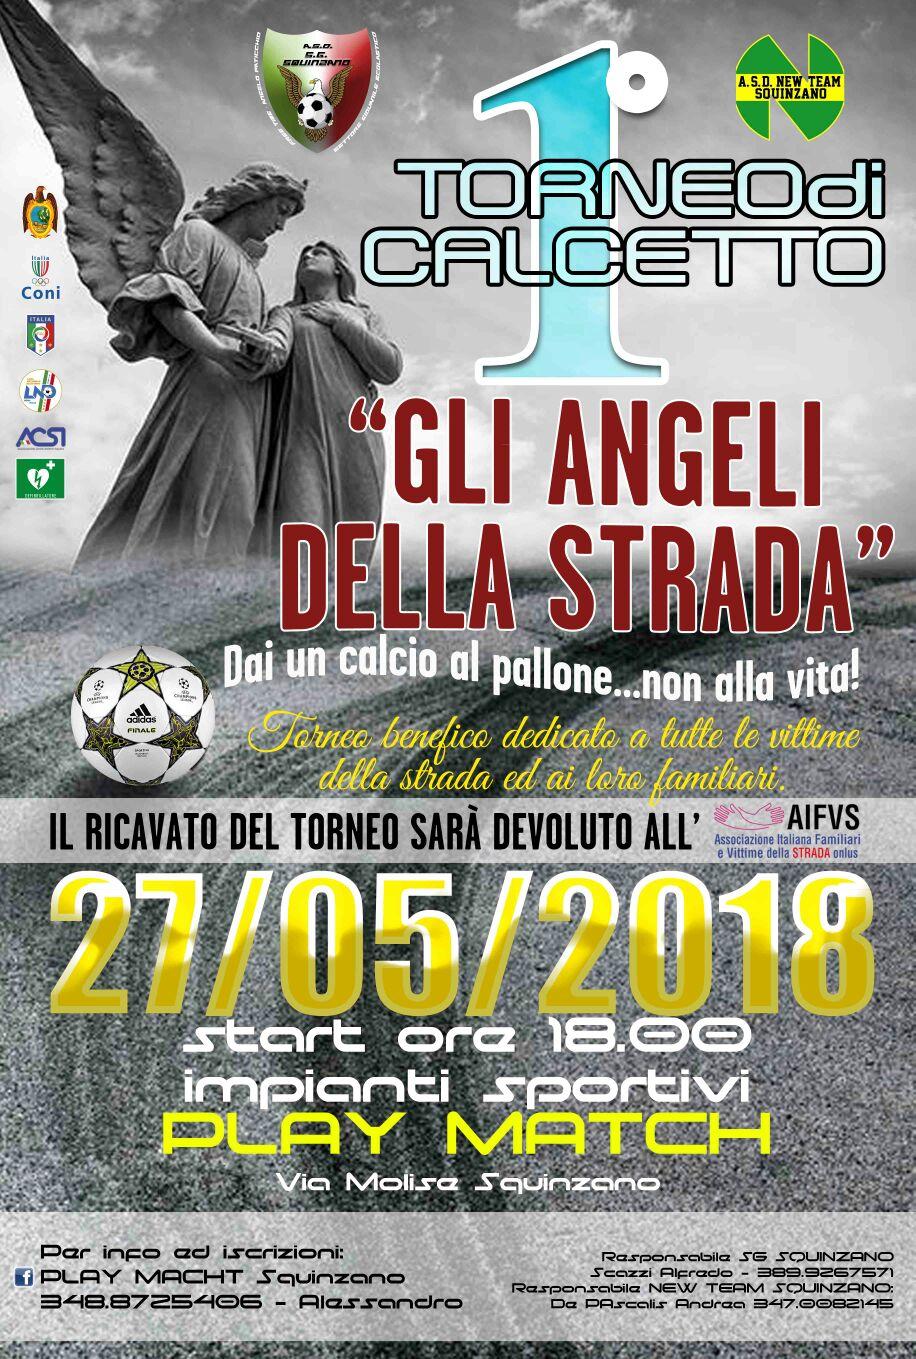 TorneoCarcettoFraticelliMaggio2018.jpg